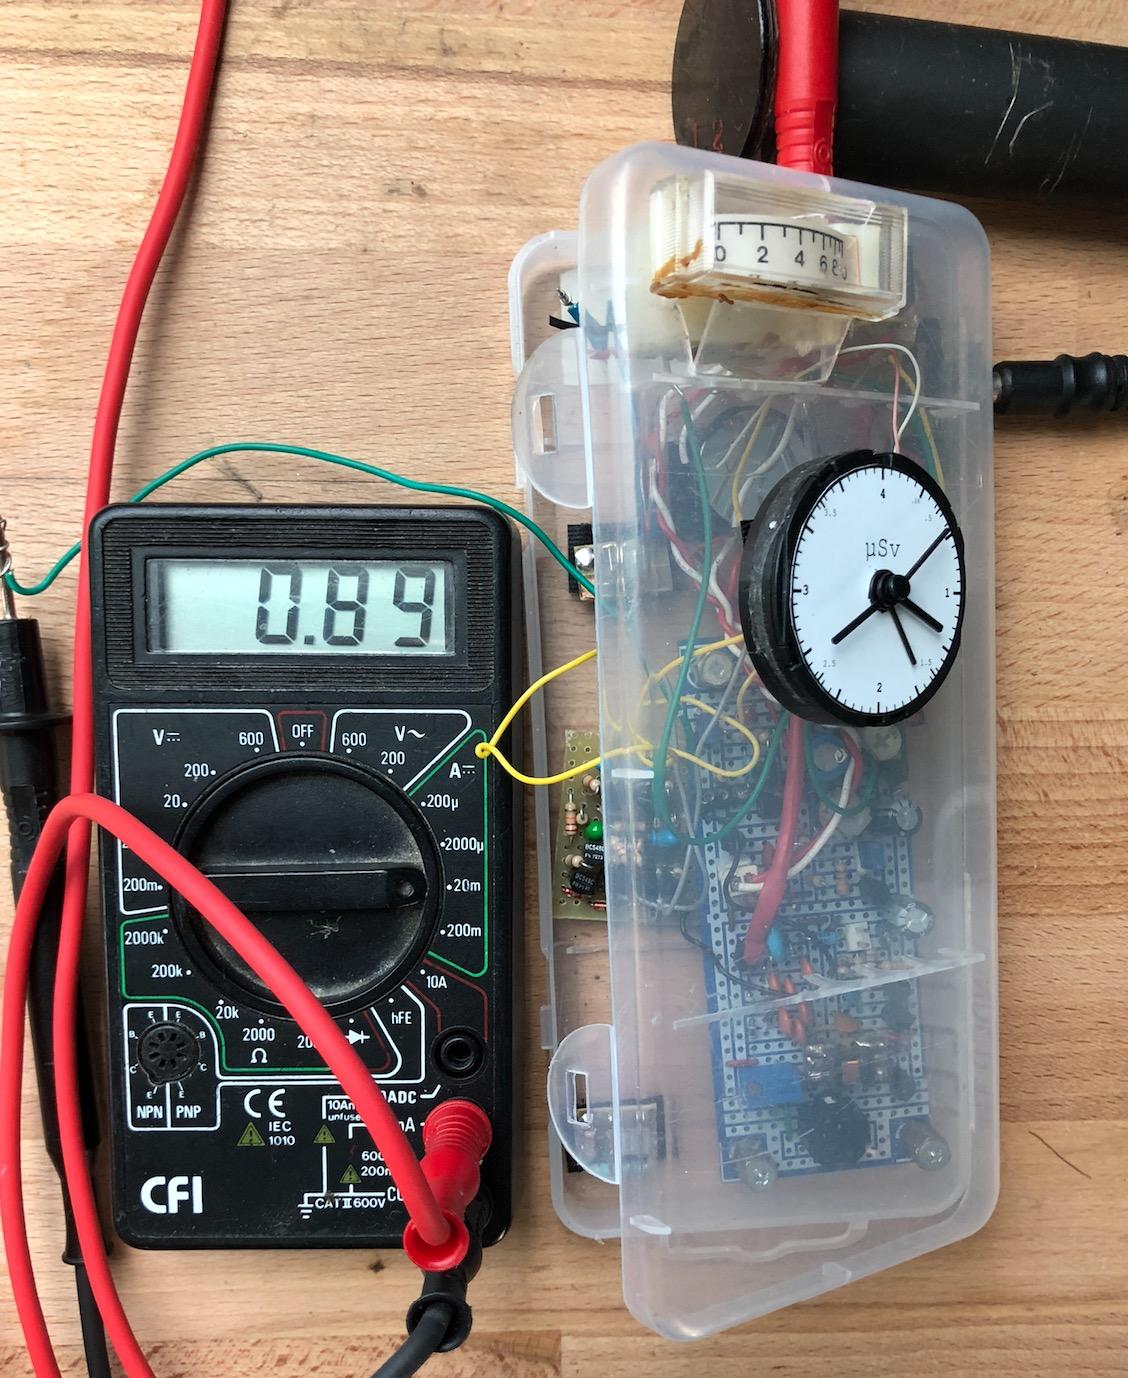 Un projet de compteur geiger à transistors - Page 2 Captu528